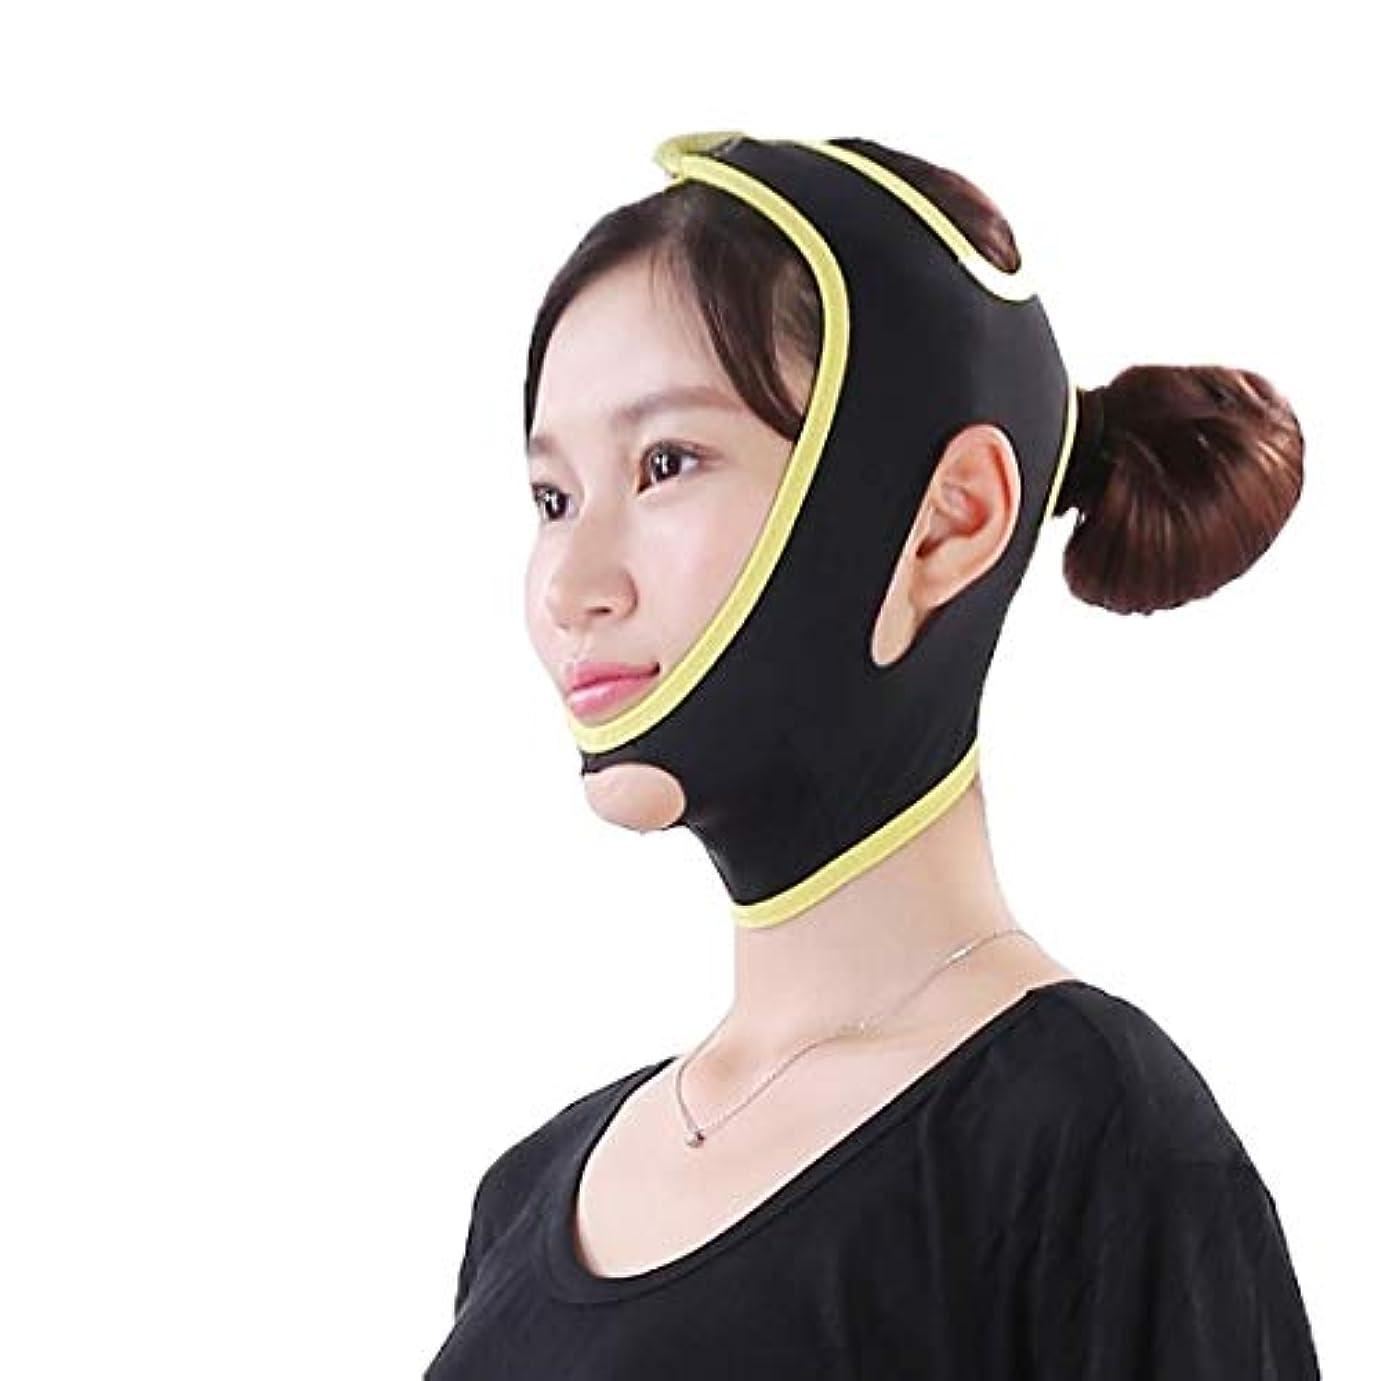 ログ子孫見習いZWBD フェイスマスク, 薄型フェイス包帯小型Vフェイス包帯薄型フェイスマスクリフティングハンギングイヤー通気性ビームフェイスマスクブラック